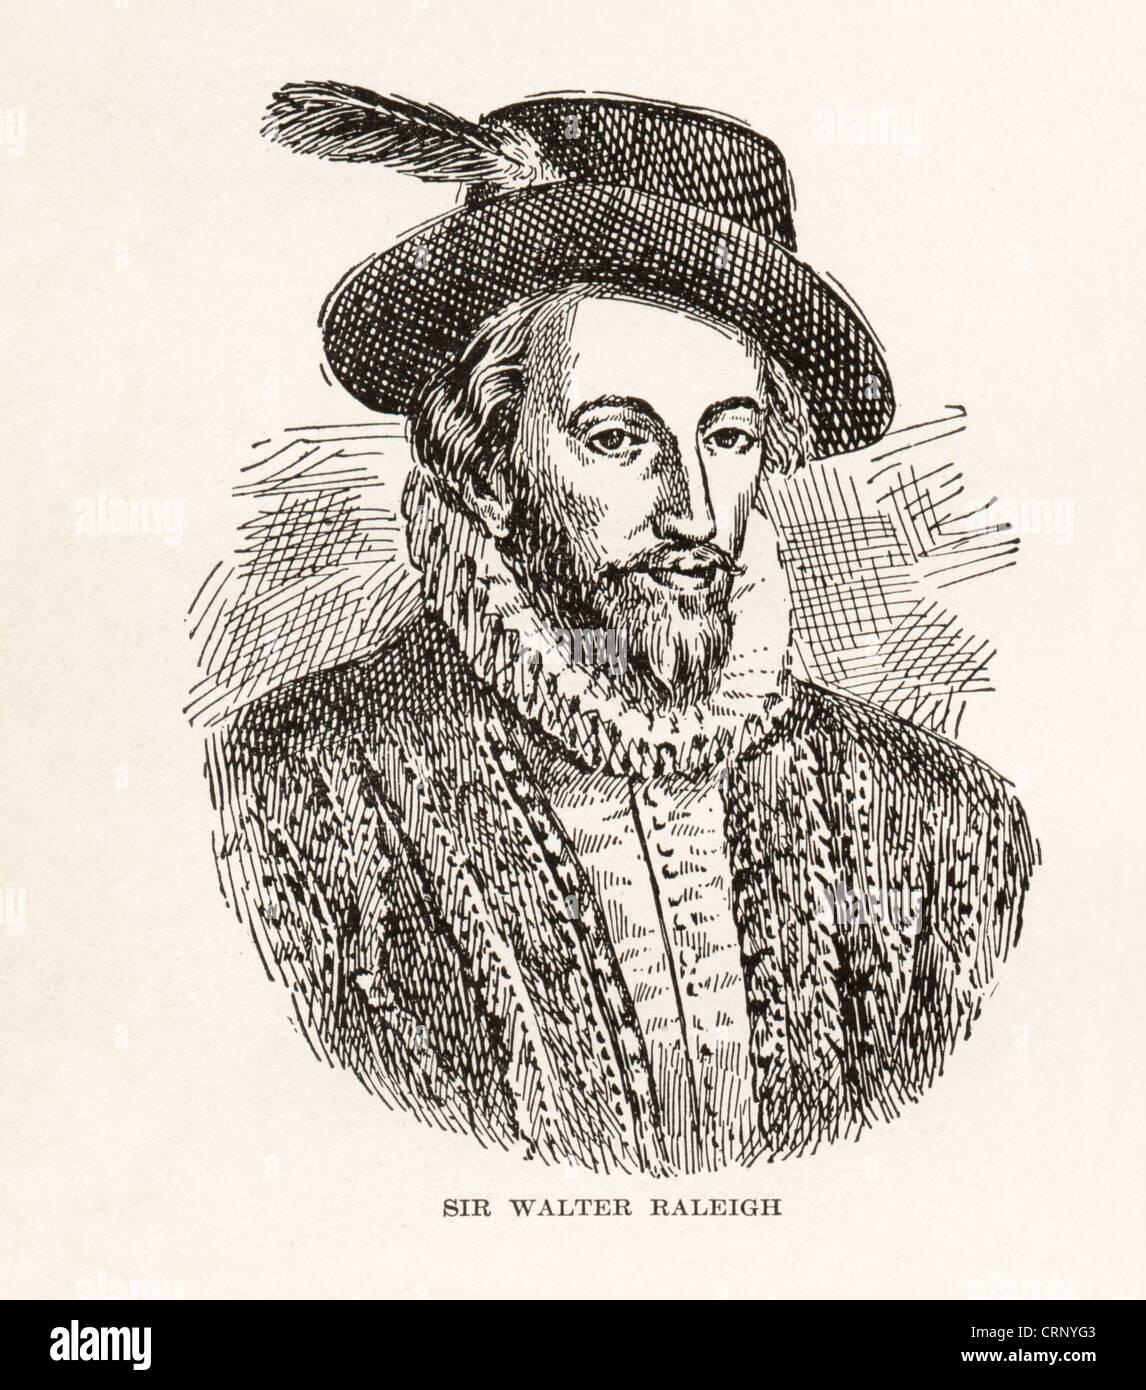 Vintage grabado de Sir Walter Raleigh, navegante inglés, soldado, escritor, 1552-1618, Foto de stock